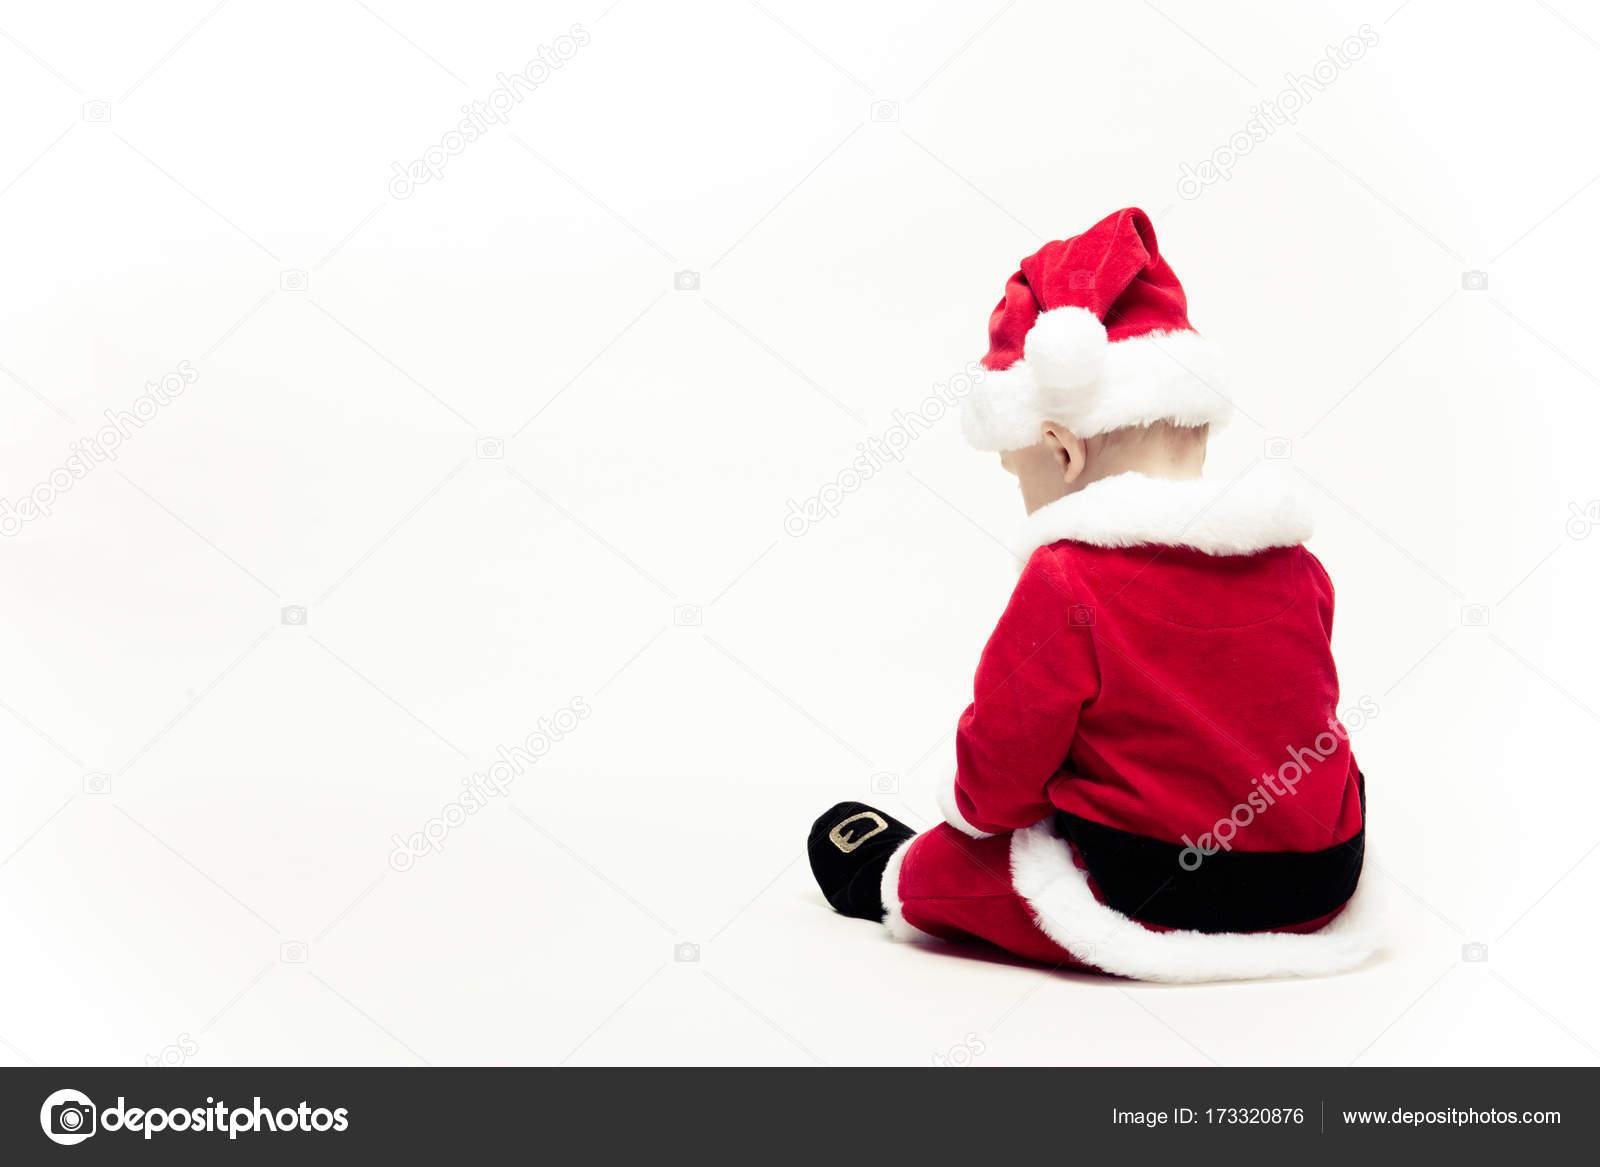 ed850c4bfd91c Bébé père Noël en habits de Noël rouges est assis avec son dos isolé sur  blanc– images de stock libres de droits